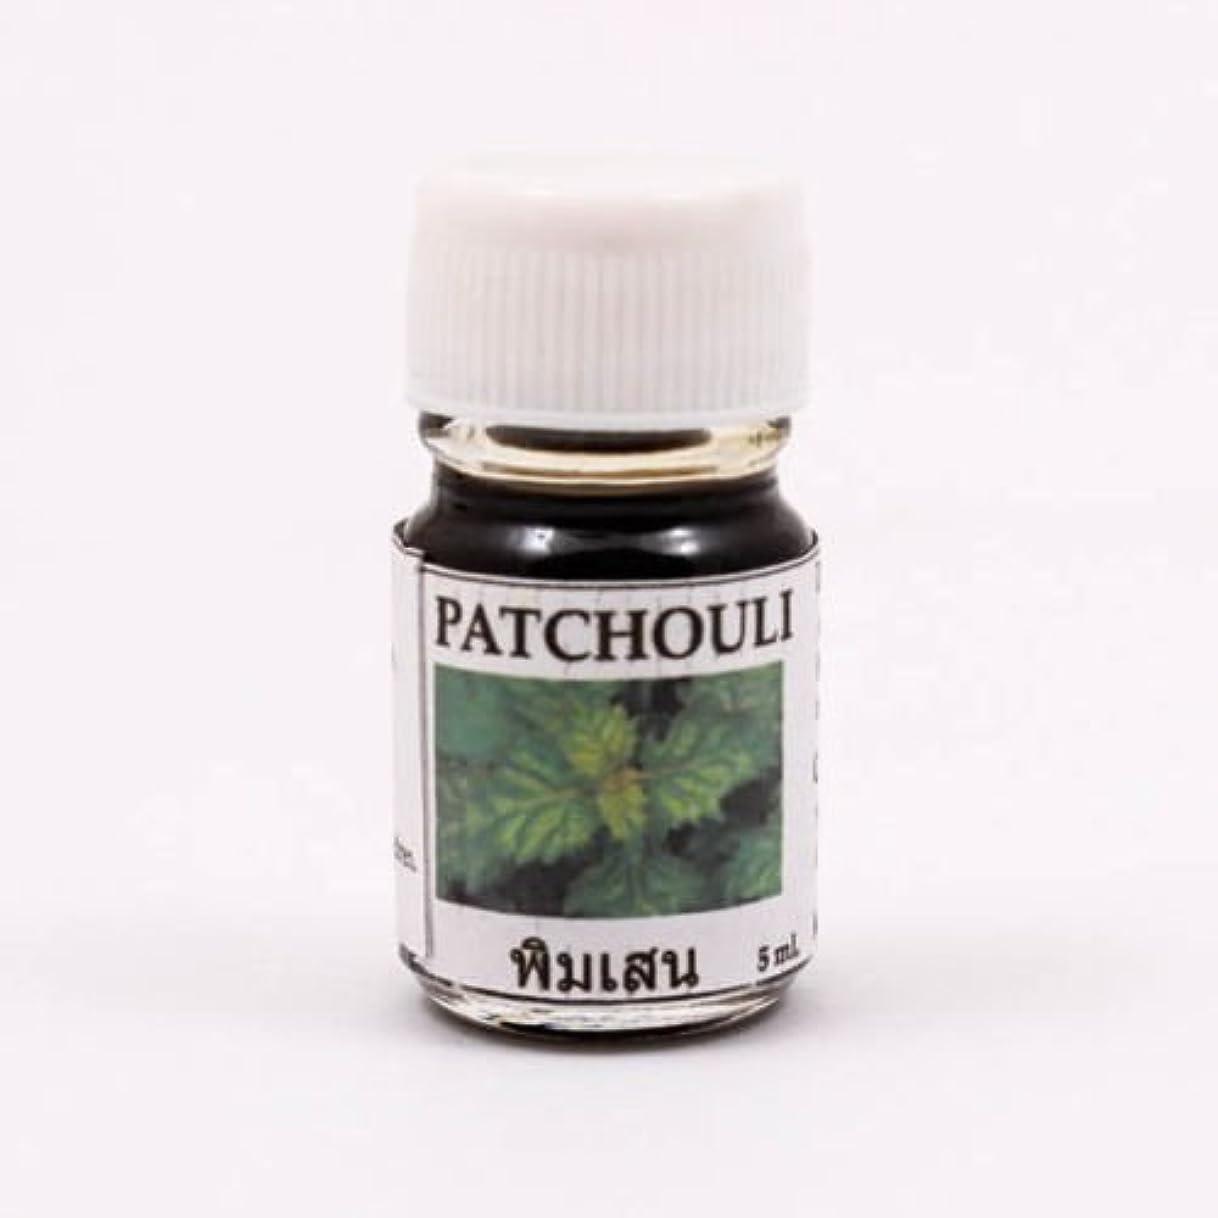 はさみトランクライブラリ相手6X Patchouli Aroma Fragrance Essential Oil 5ML. cc Diffuser Burner Therapy